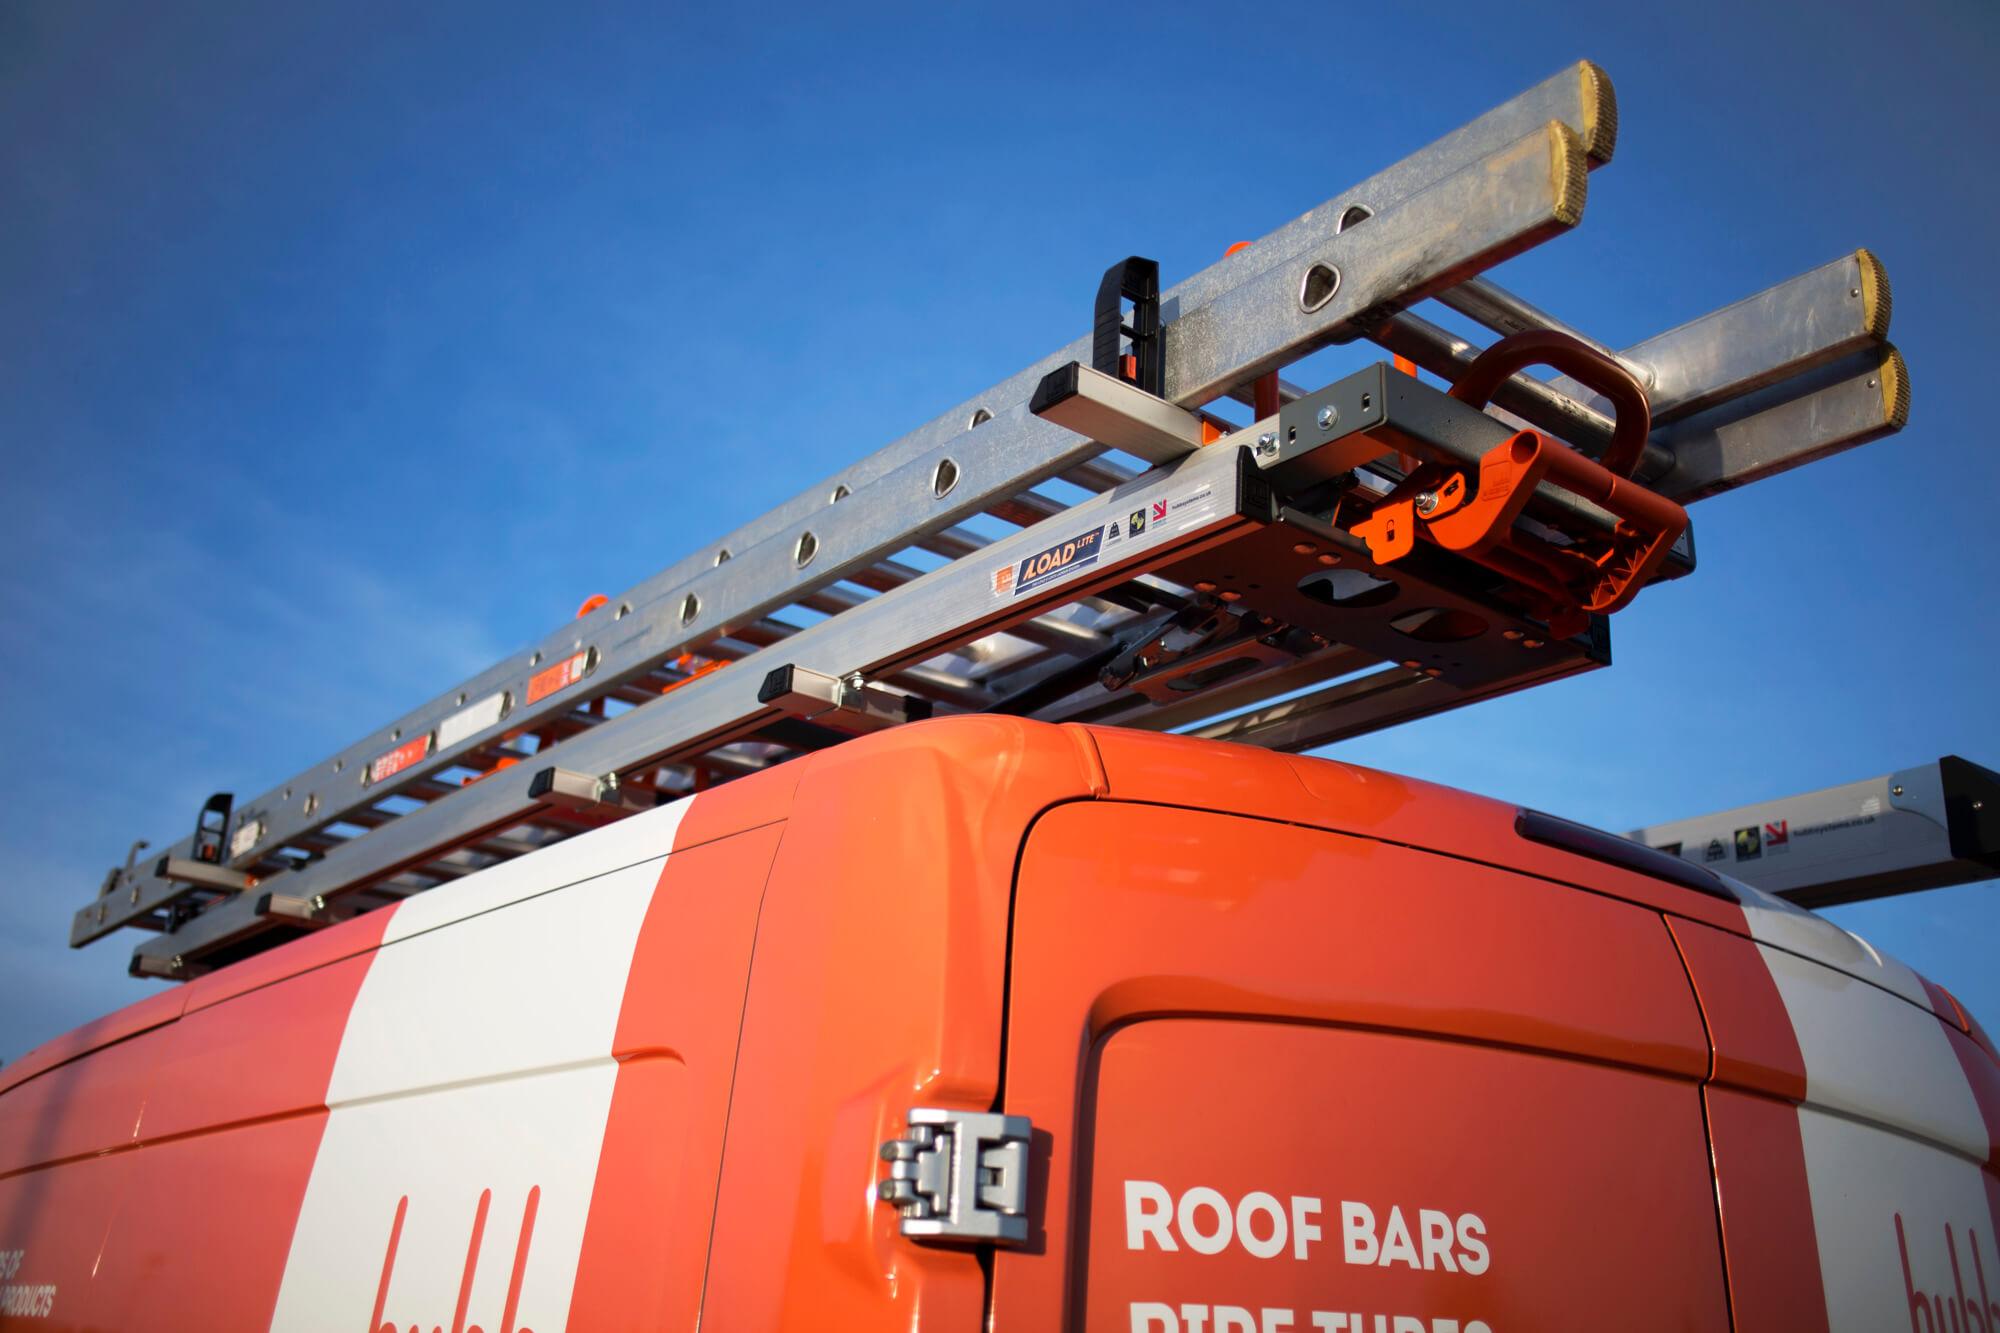 Mobile fitter of van roof racks and van roof bars